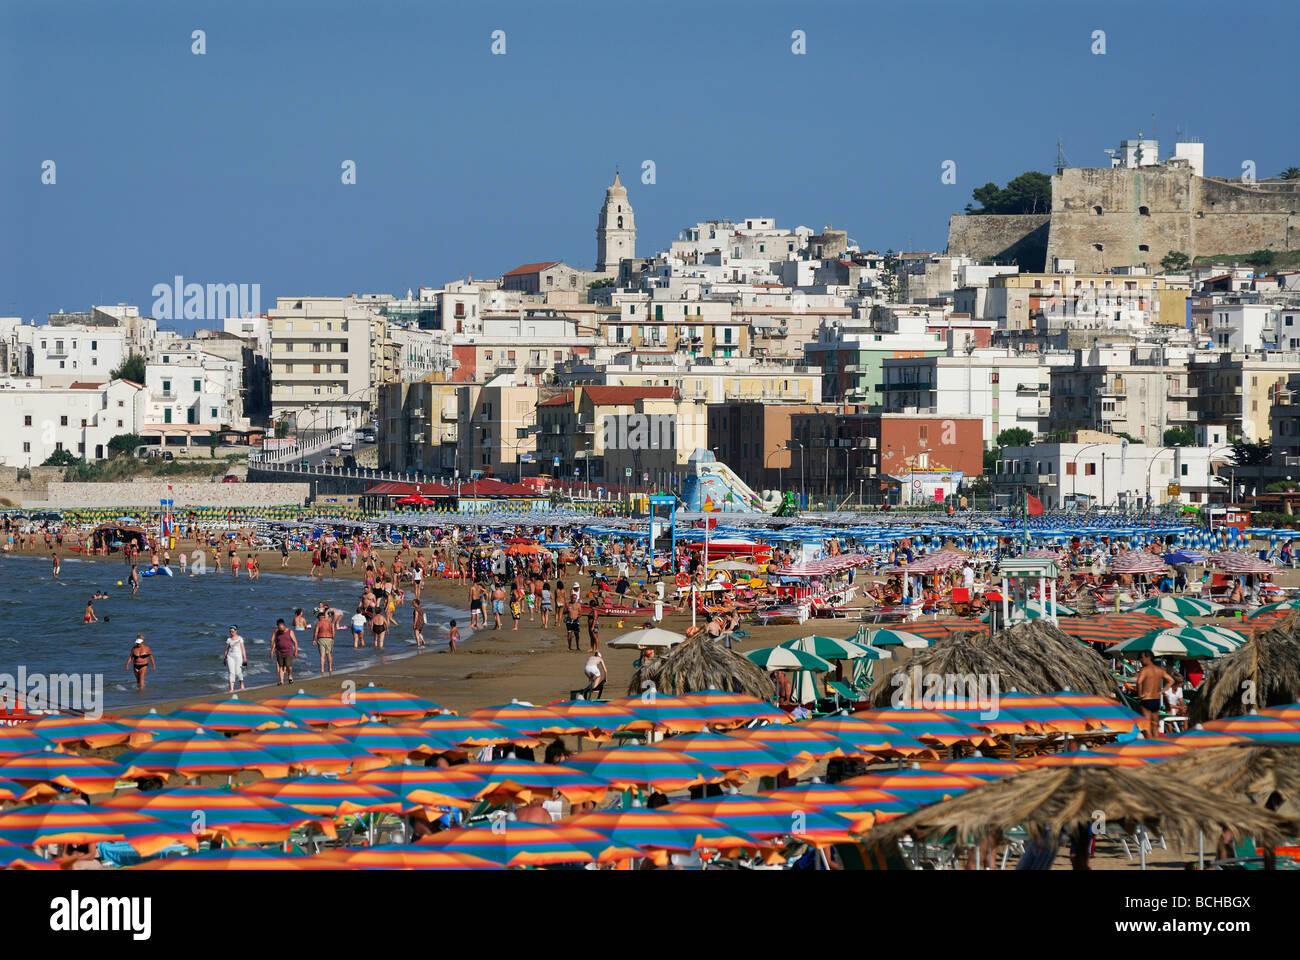 Vieste Apulia Italia Región de Gargano playas de arena de la ciudad de Vieste Imagen De Stock